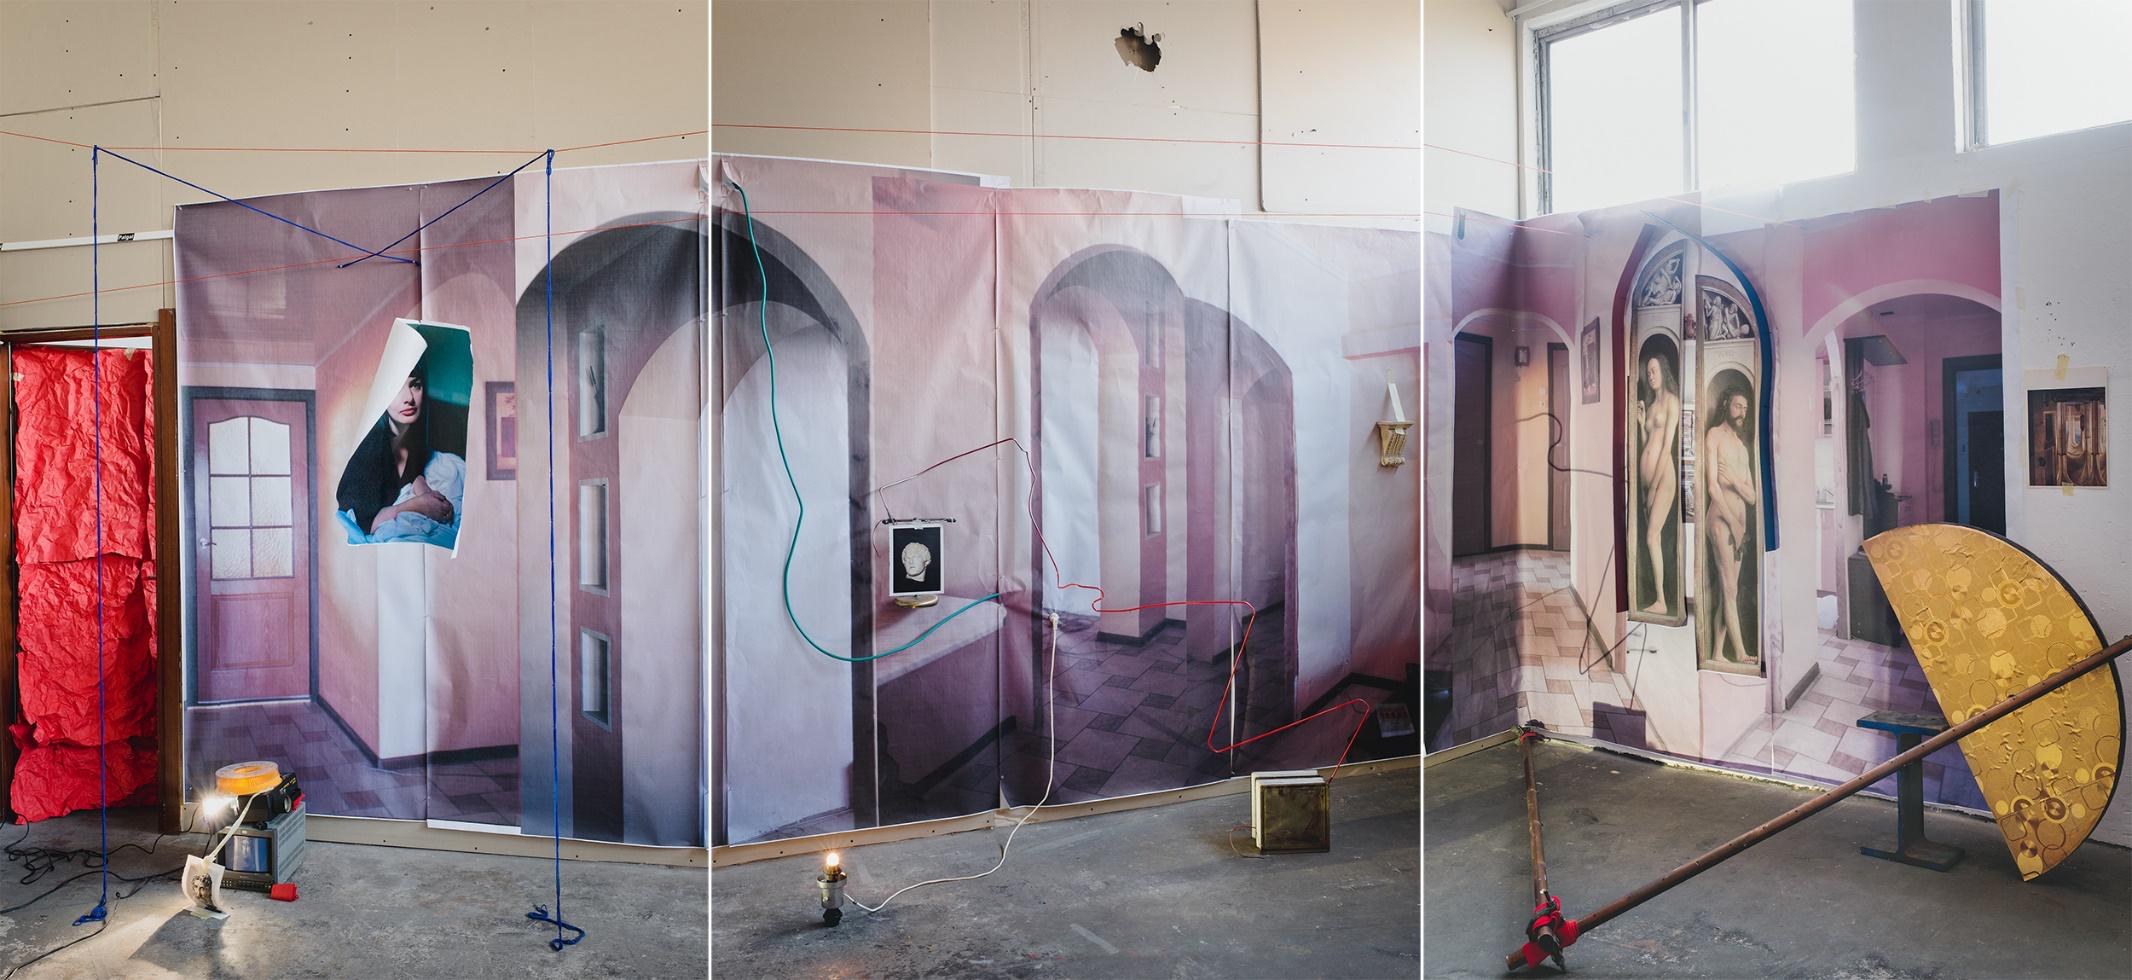 Mark Yashaev, Presque Vu, Déjà Vu, Jamais Vu, 2018, inkjet print, tryptich, 208 x 150 cm each panel